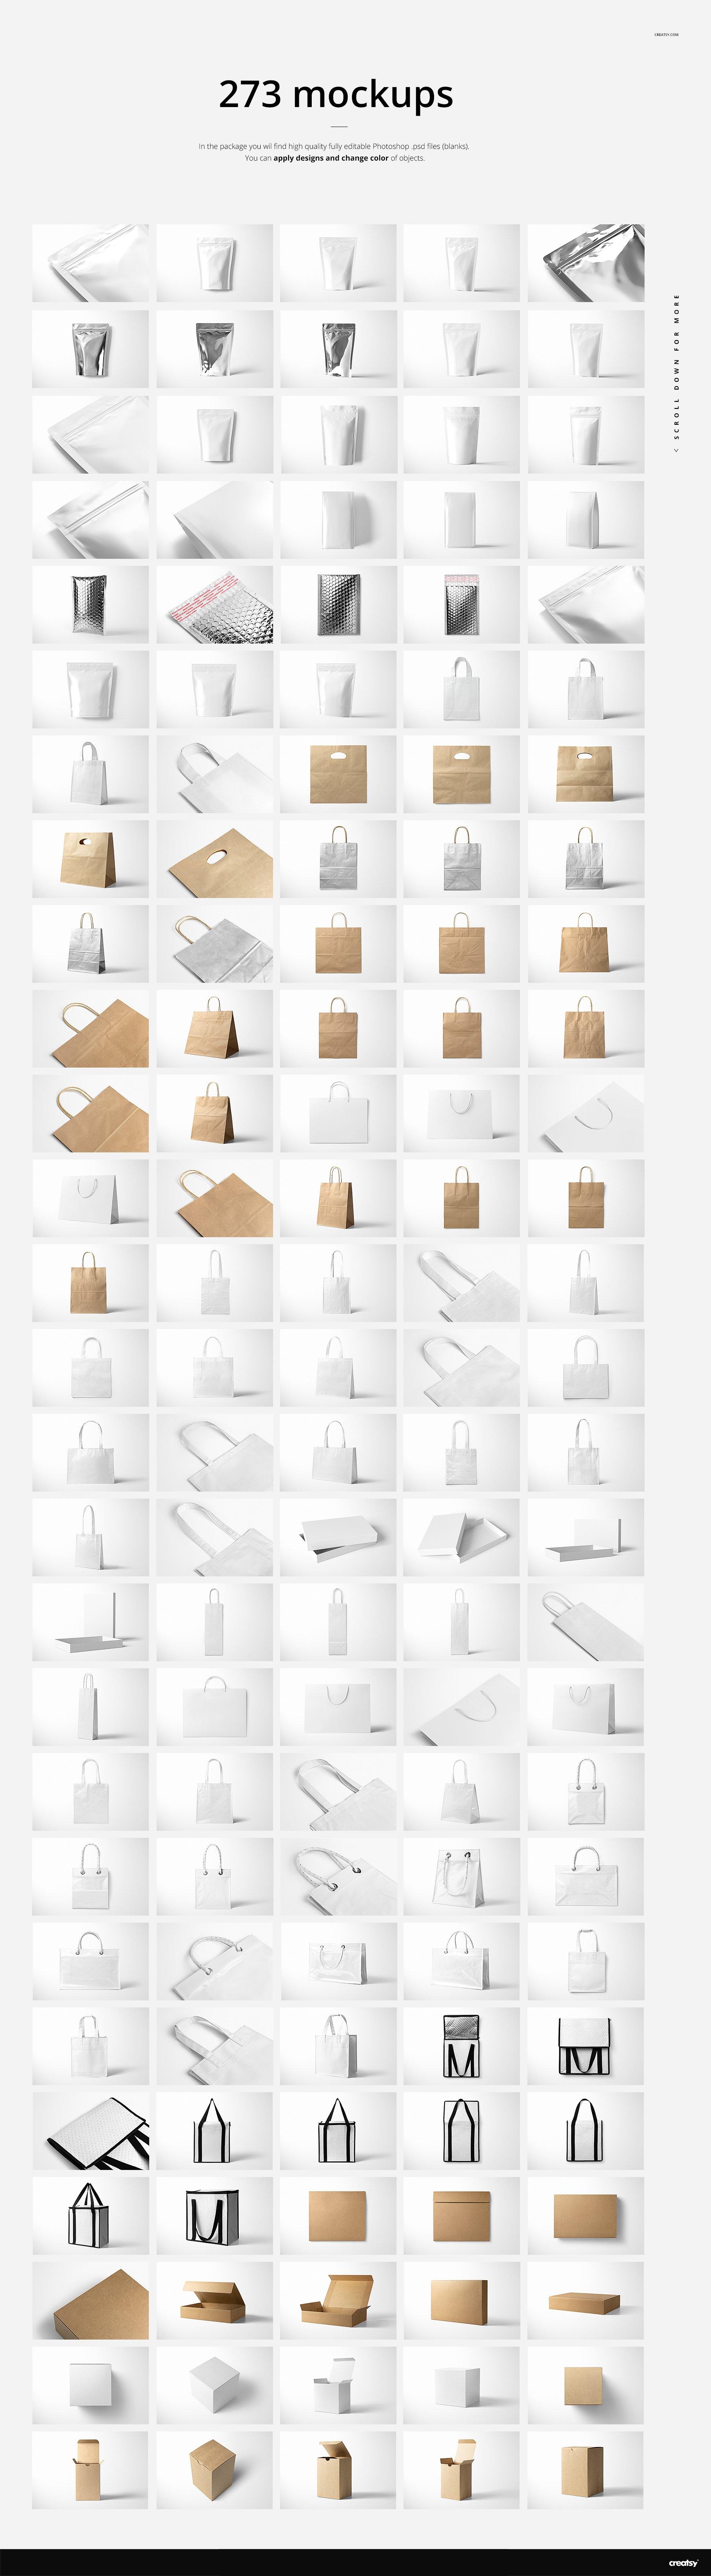 [淘宝购买] 273款时尚购物手提纸袋快递气泡塑料袋纸箱设计贴图PSD样机 Printhouse Mockups Bundle v.1插图(3)